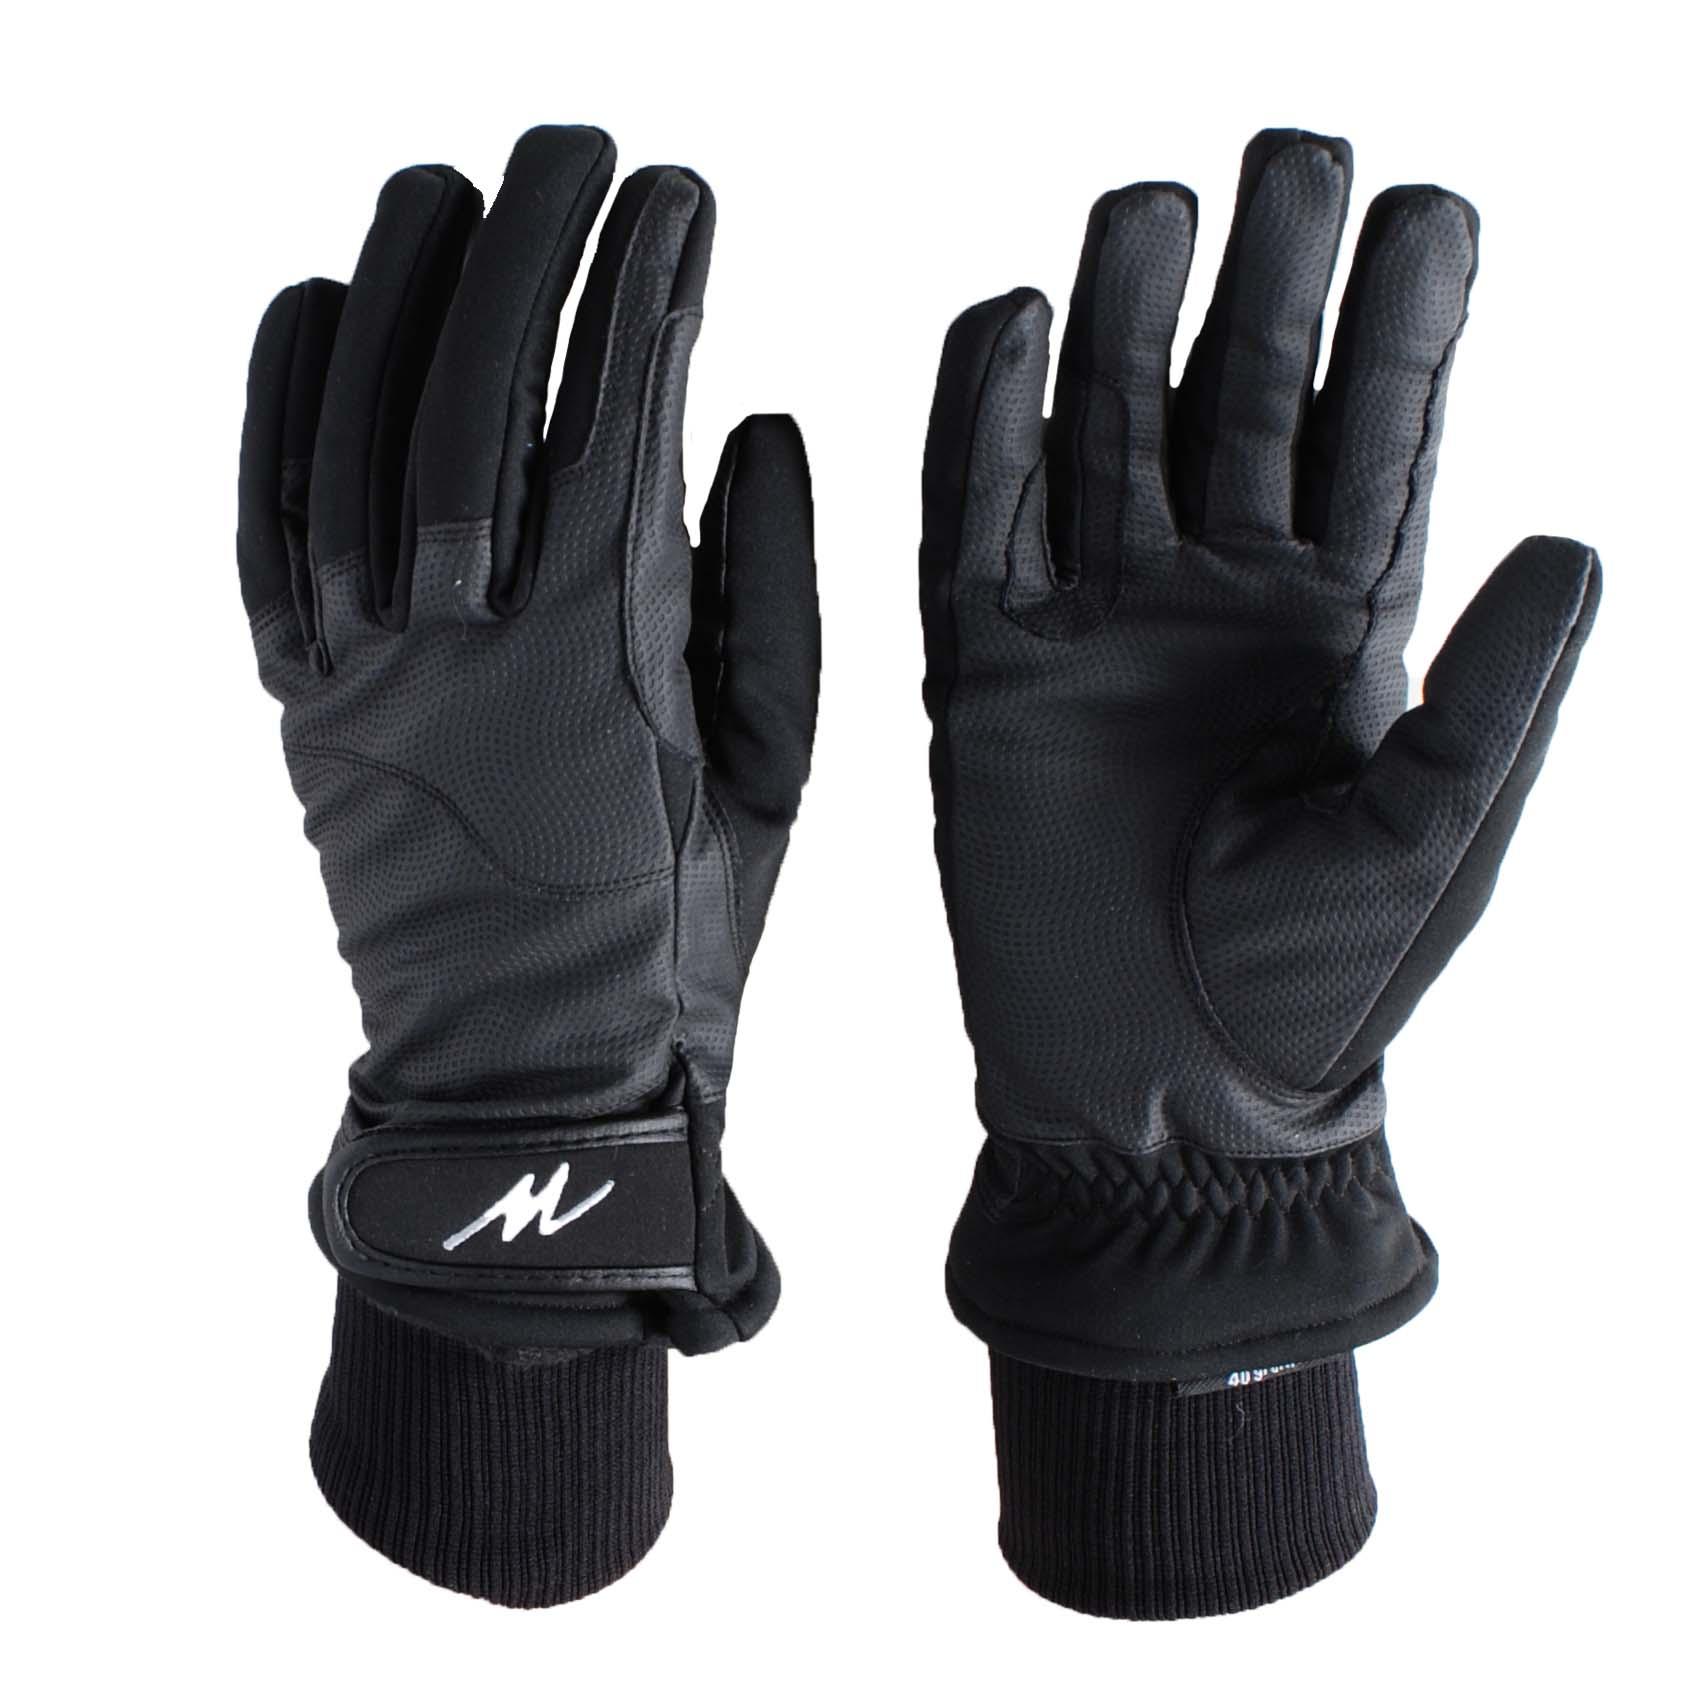 Mondoni Bogota winter handschoenen zwart maat:l